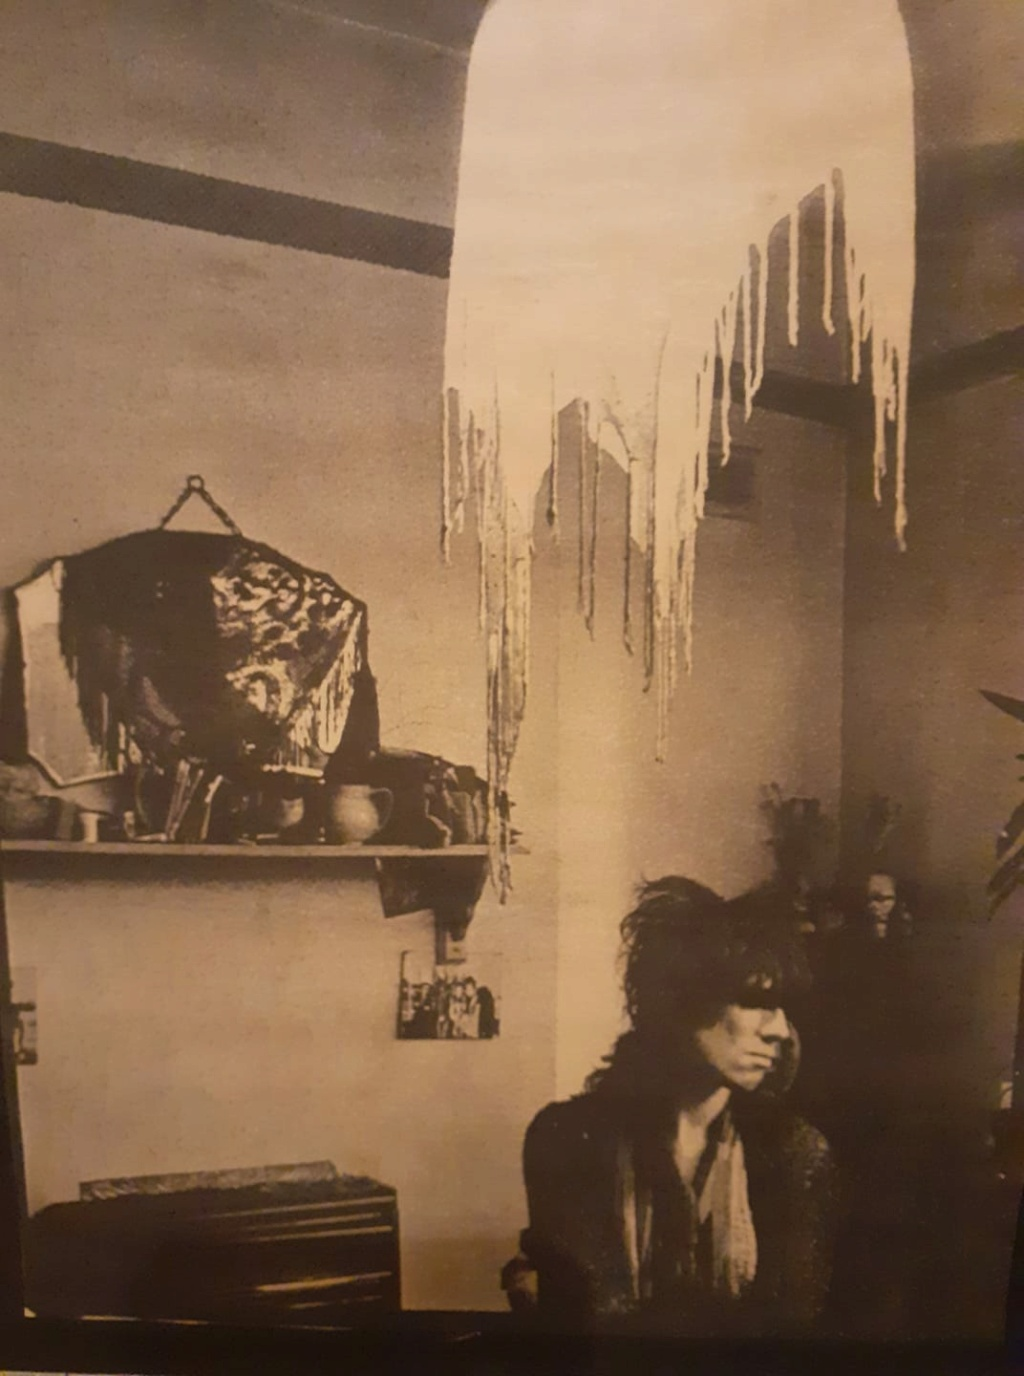 DAVE KUSWORTH & LOS TUPPER nuevo disco en Septiembre. - Página 3 1a84